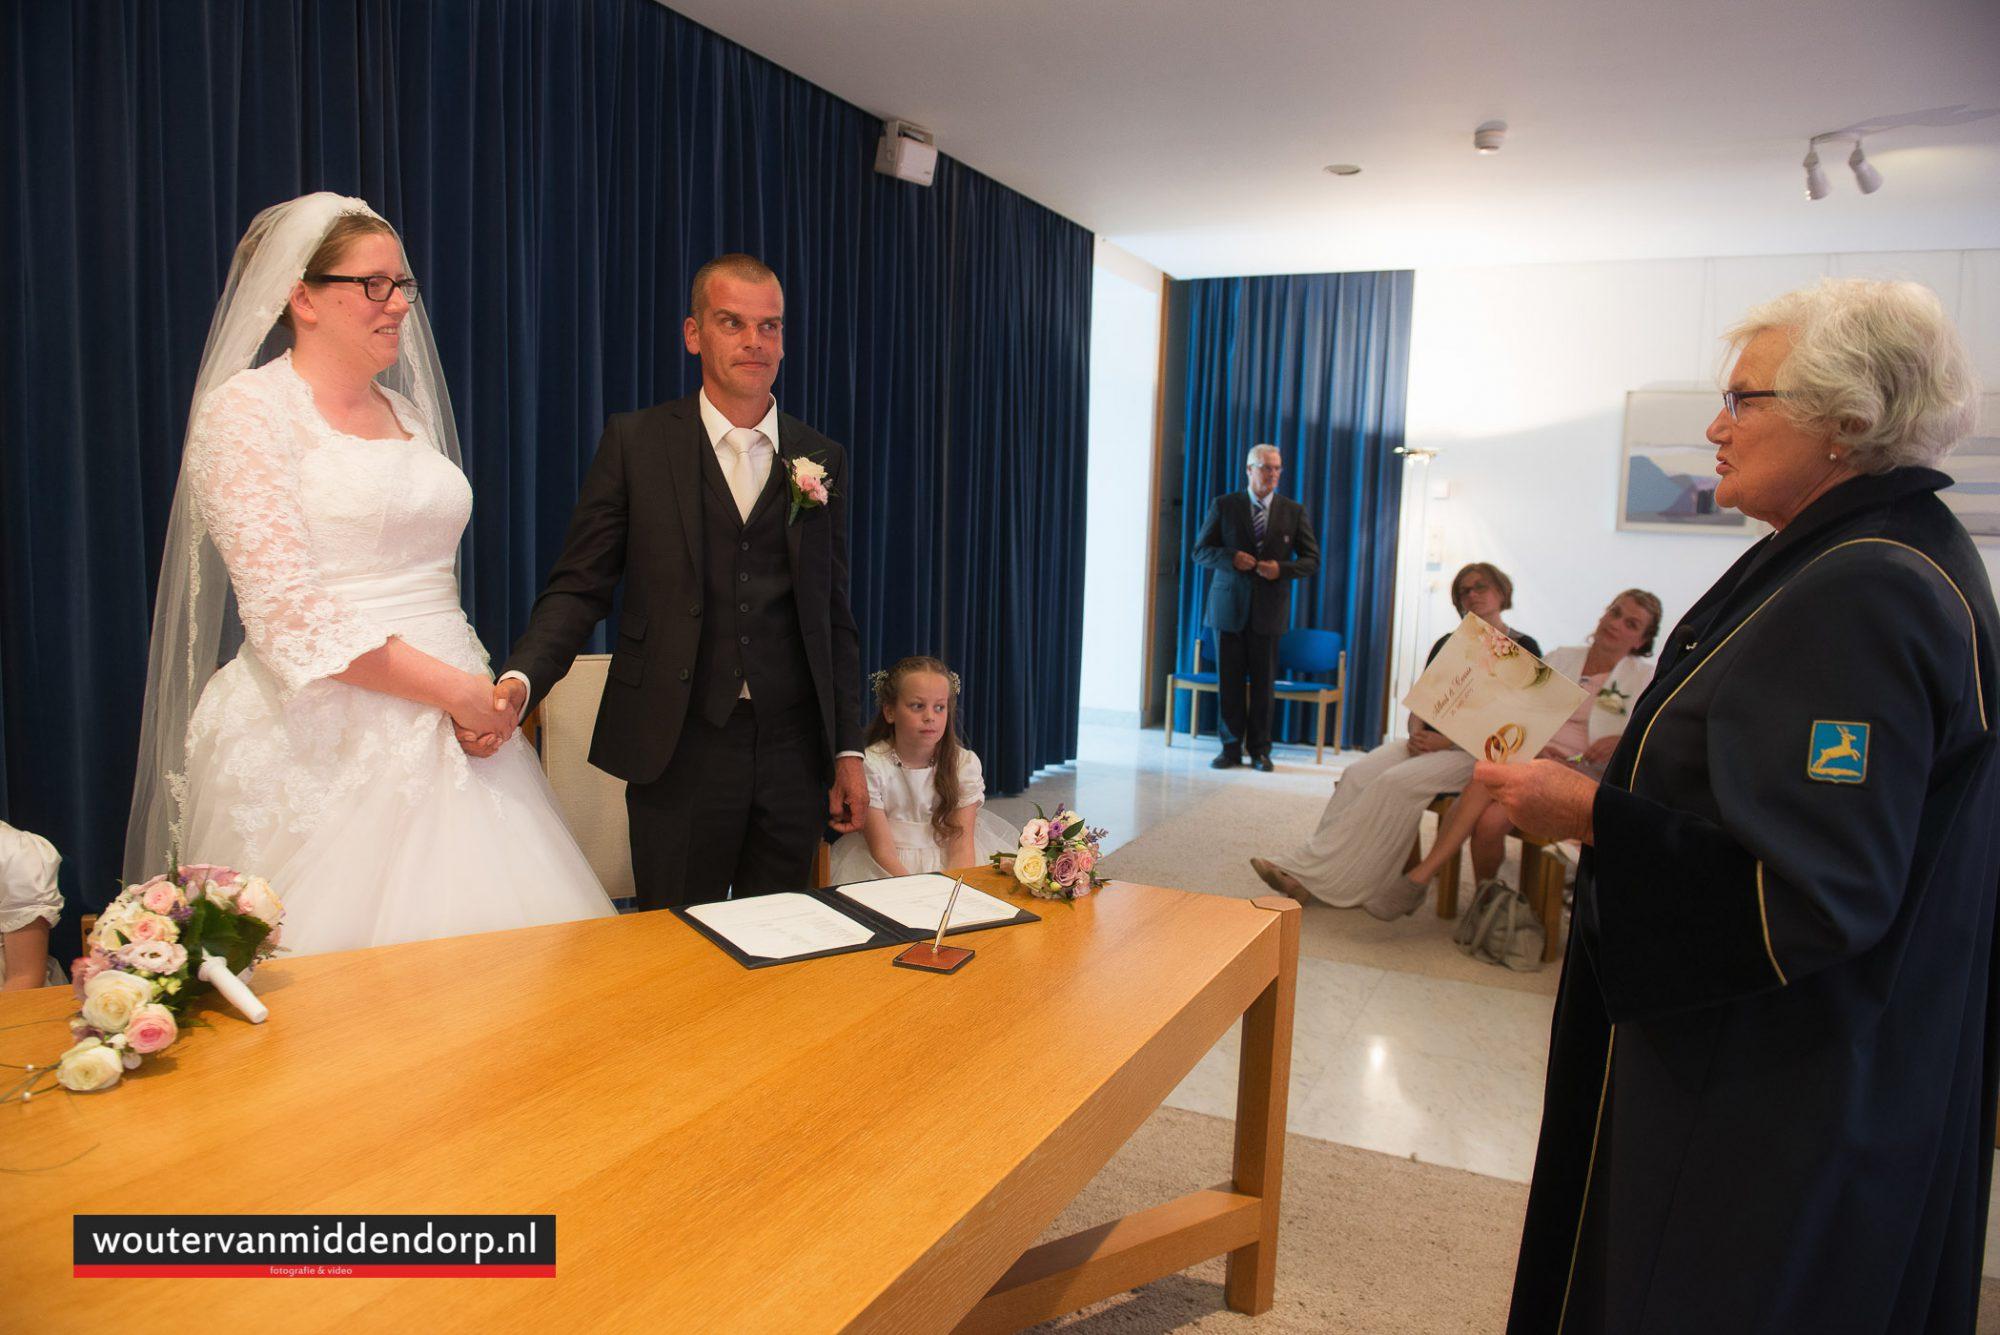 bruidsfotografie-wouter-van-middendorp-veenendaal-uddel-30